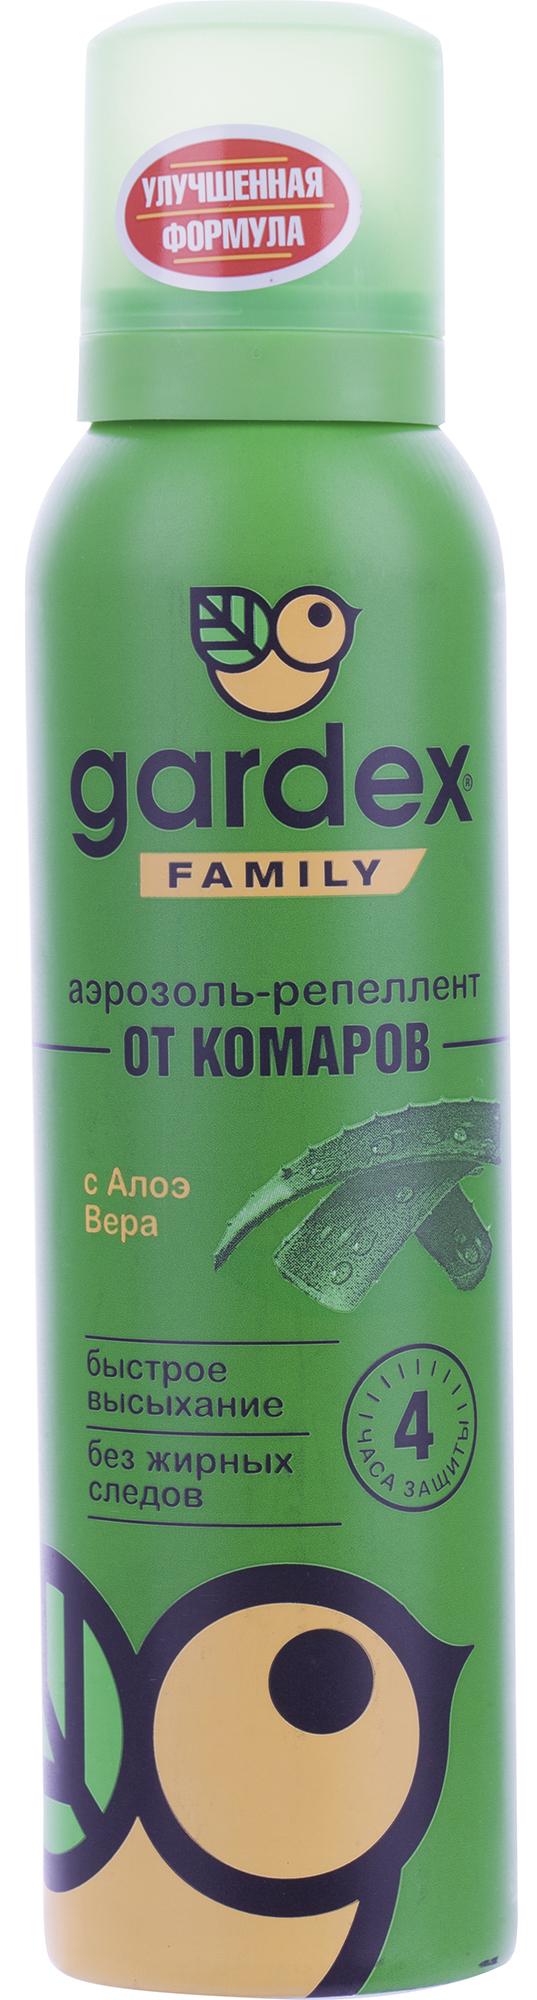 Gardex Аэрозоль-репеллент от комаров Gardex Family, 150 мл отмывочная жидкость solins degreaser 400ml от жира и масла аэрозоль